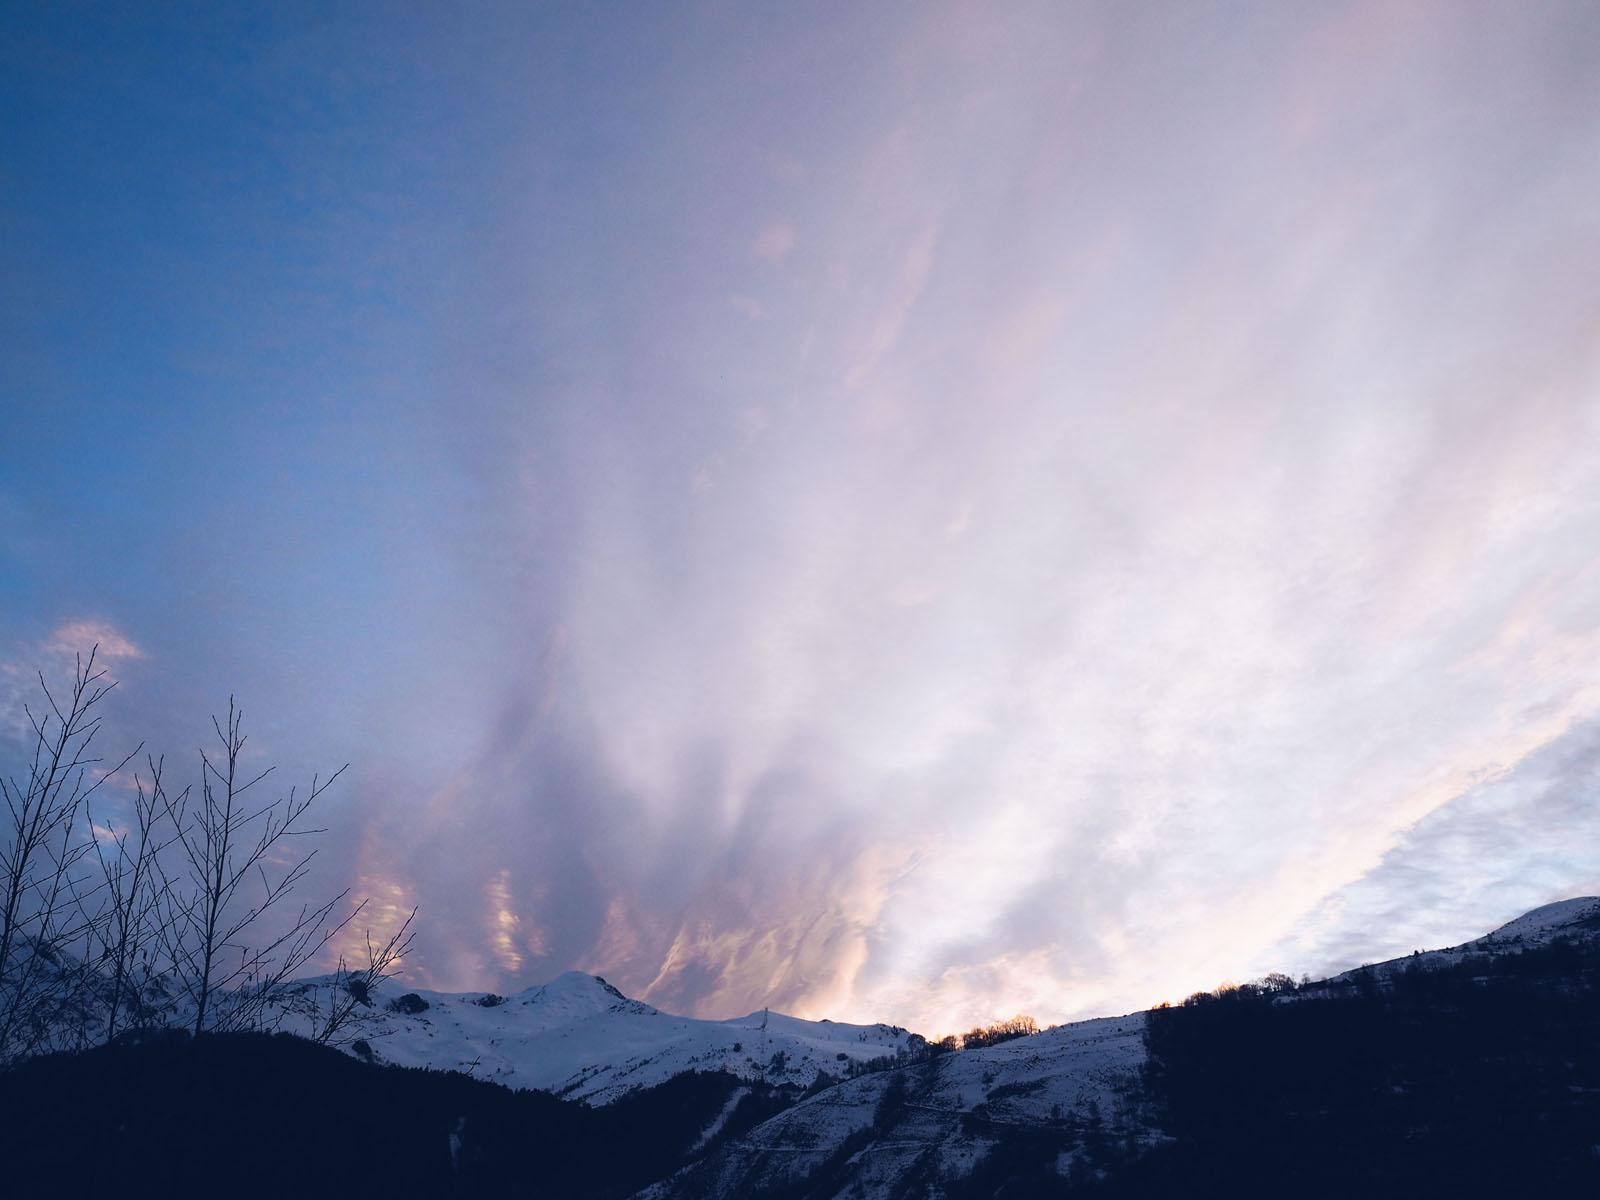 Vacances au ski en famille Hautes Pyrenees bonnes adresses hotel station l La Fiancee du Panda blog mariage et lifestyle-318007